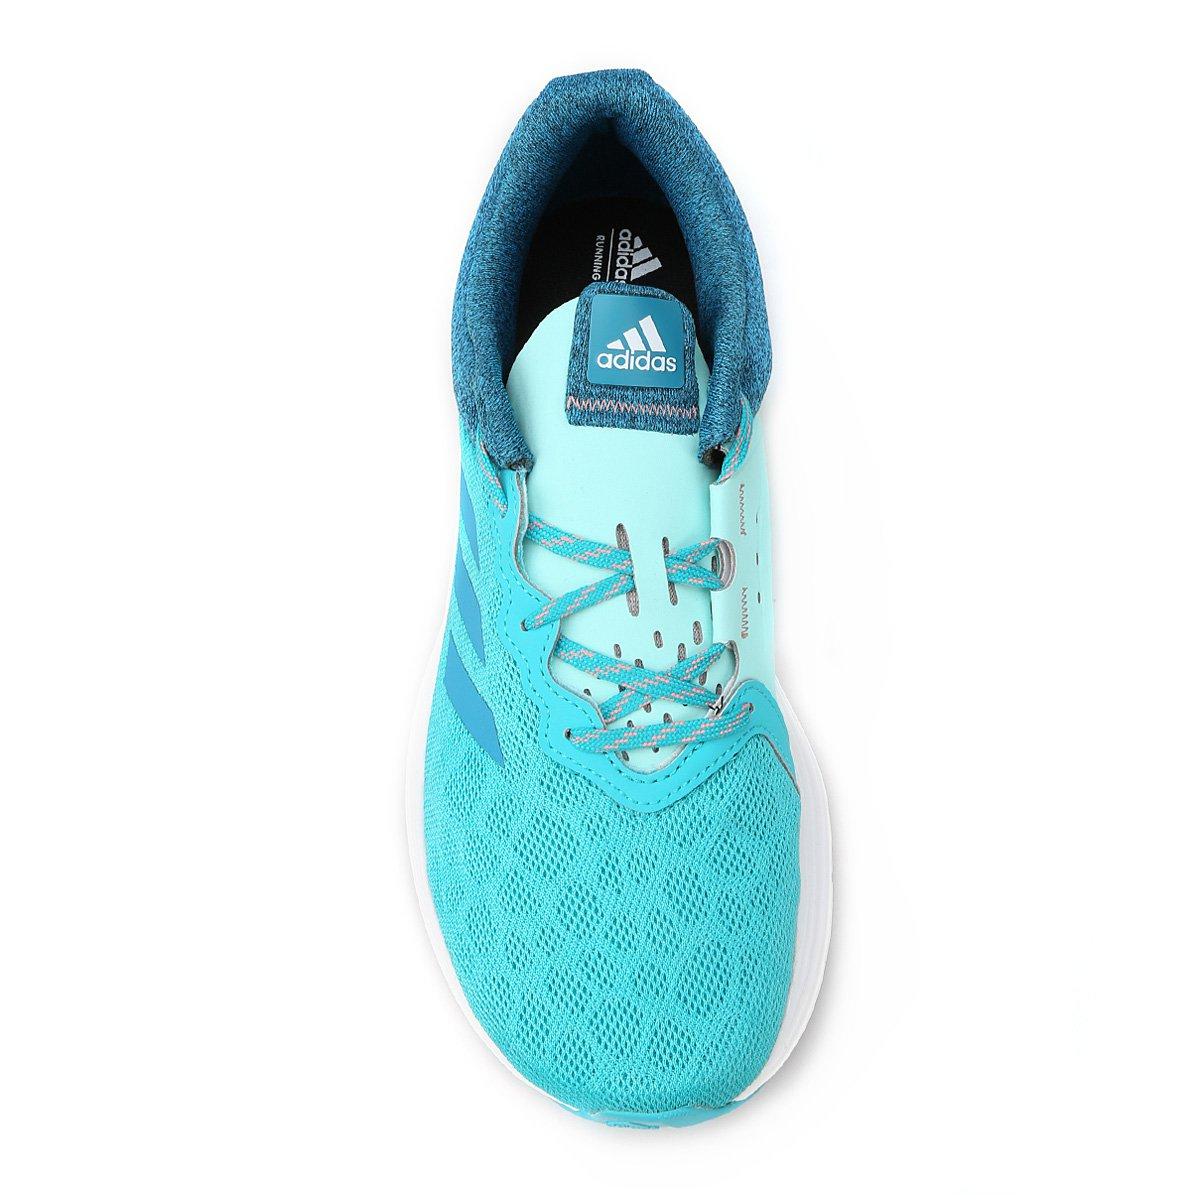 ... Tênis Adidas Fluid Cloud Feminino. -35%. Tênis Adidas Fluid Cloud  Feminino - Azul Piscina+Azul Claro 10796d8615b81